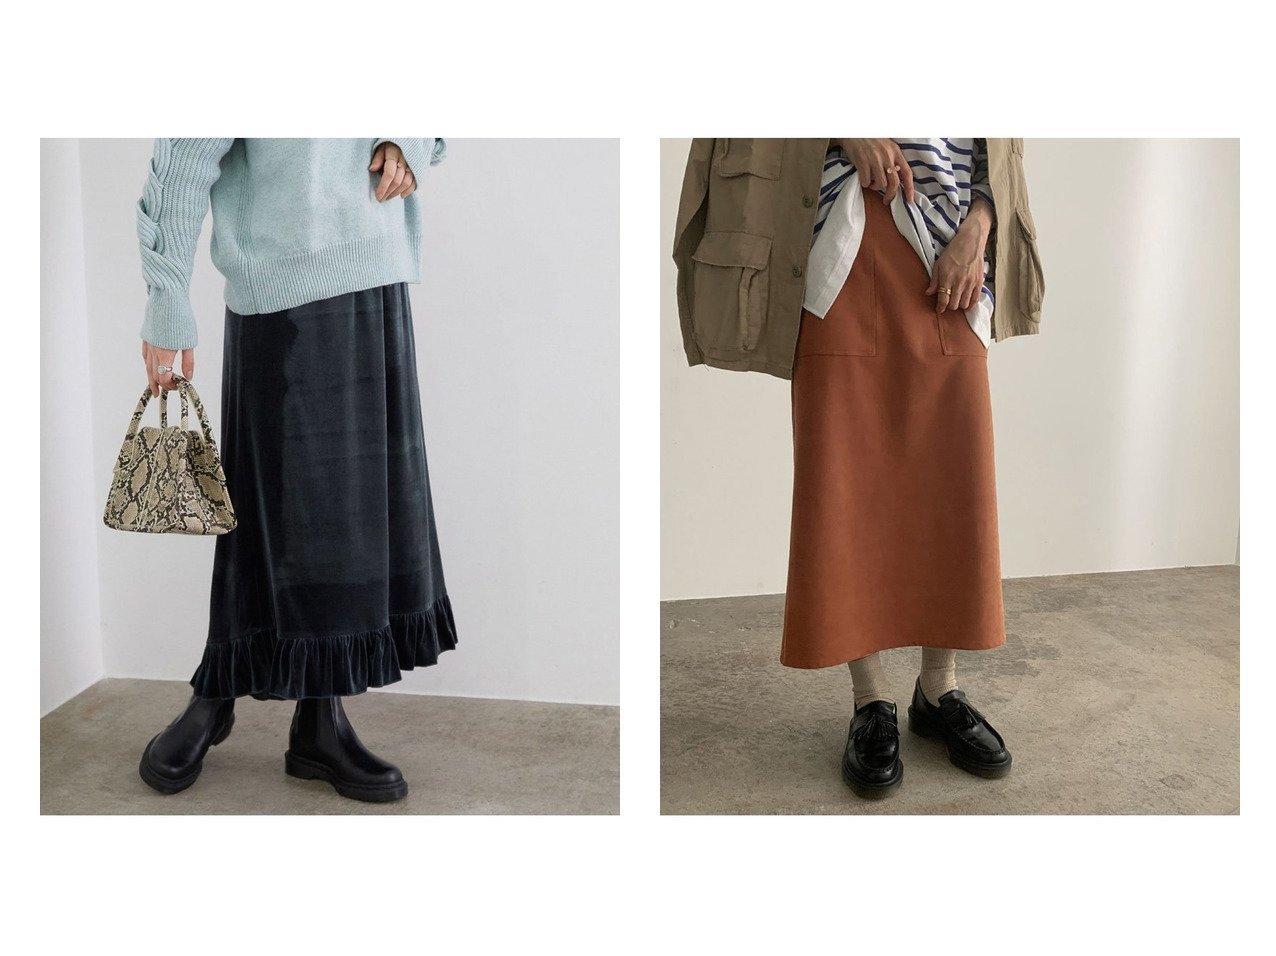 【ROPE' mademoiselle/ロペ マドモアゼル】のストレッチフェイクスエードタイトスカート&フリルヘムベロアロングスカート スカートのおすすめ!人気、トレンド・レディースファッションの通販 おすすめで人気の流行・トレンド、ファッションの通販商品 メンズファッション・キッズファッション・インテリア・家具・レディースファッション・服の通販 founy(ファニー) https://founy.com/ ファッション Fashion レディースファッション WOMEN スカート Skirt ロングスカート Long Skirt ヴィンテージ ギャザー シューズ ショート フリル ポケット ロング 春 Spring 秋 Autumn/Fall コンパクト ストレッチ ストレート スニーカー フェイクスエード フェミニン 冬 Winter  ID:crp329100000010777